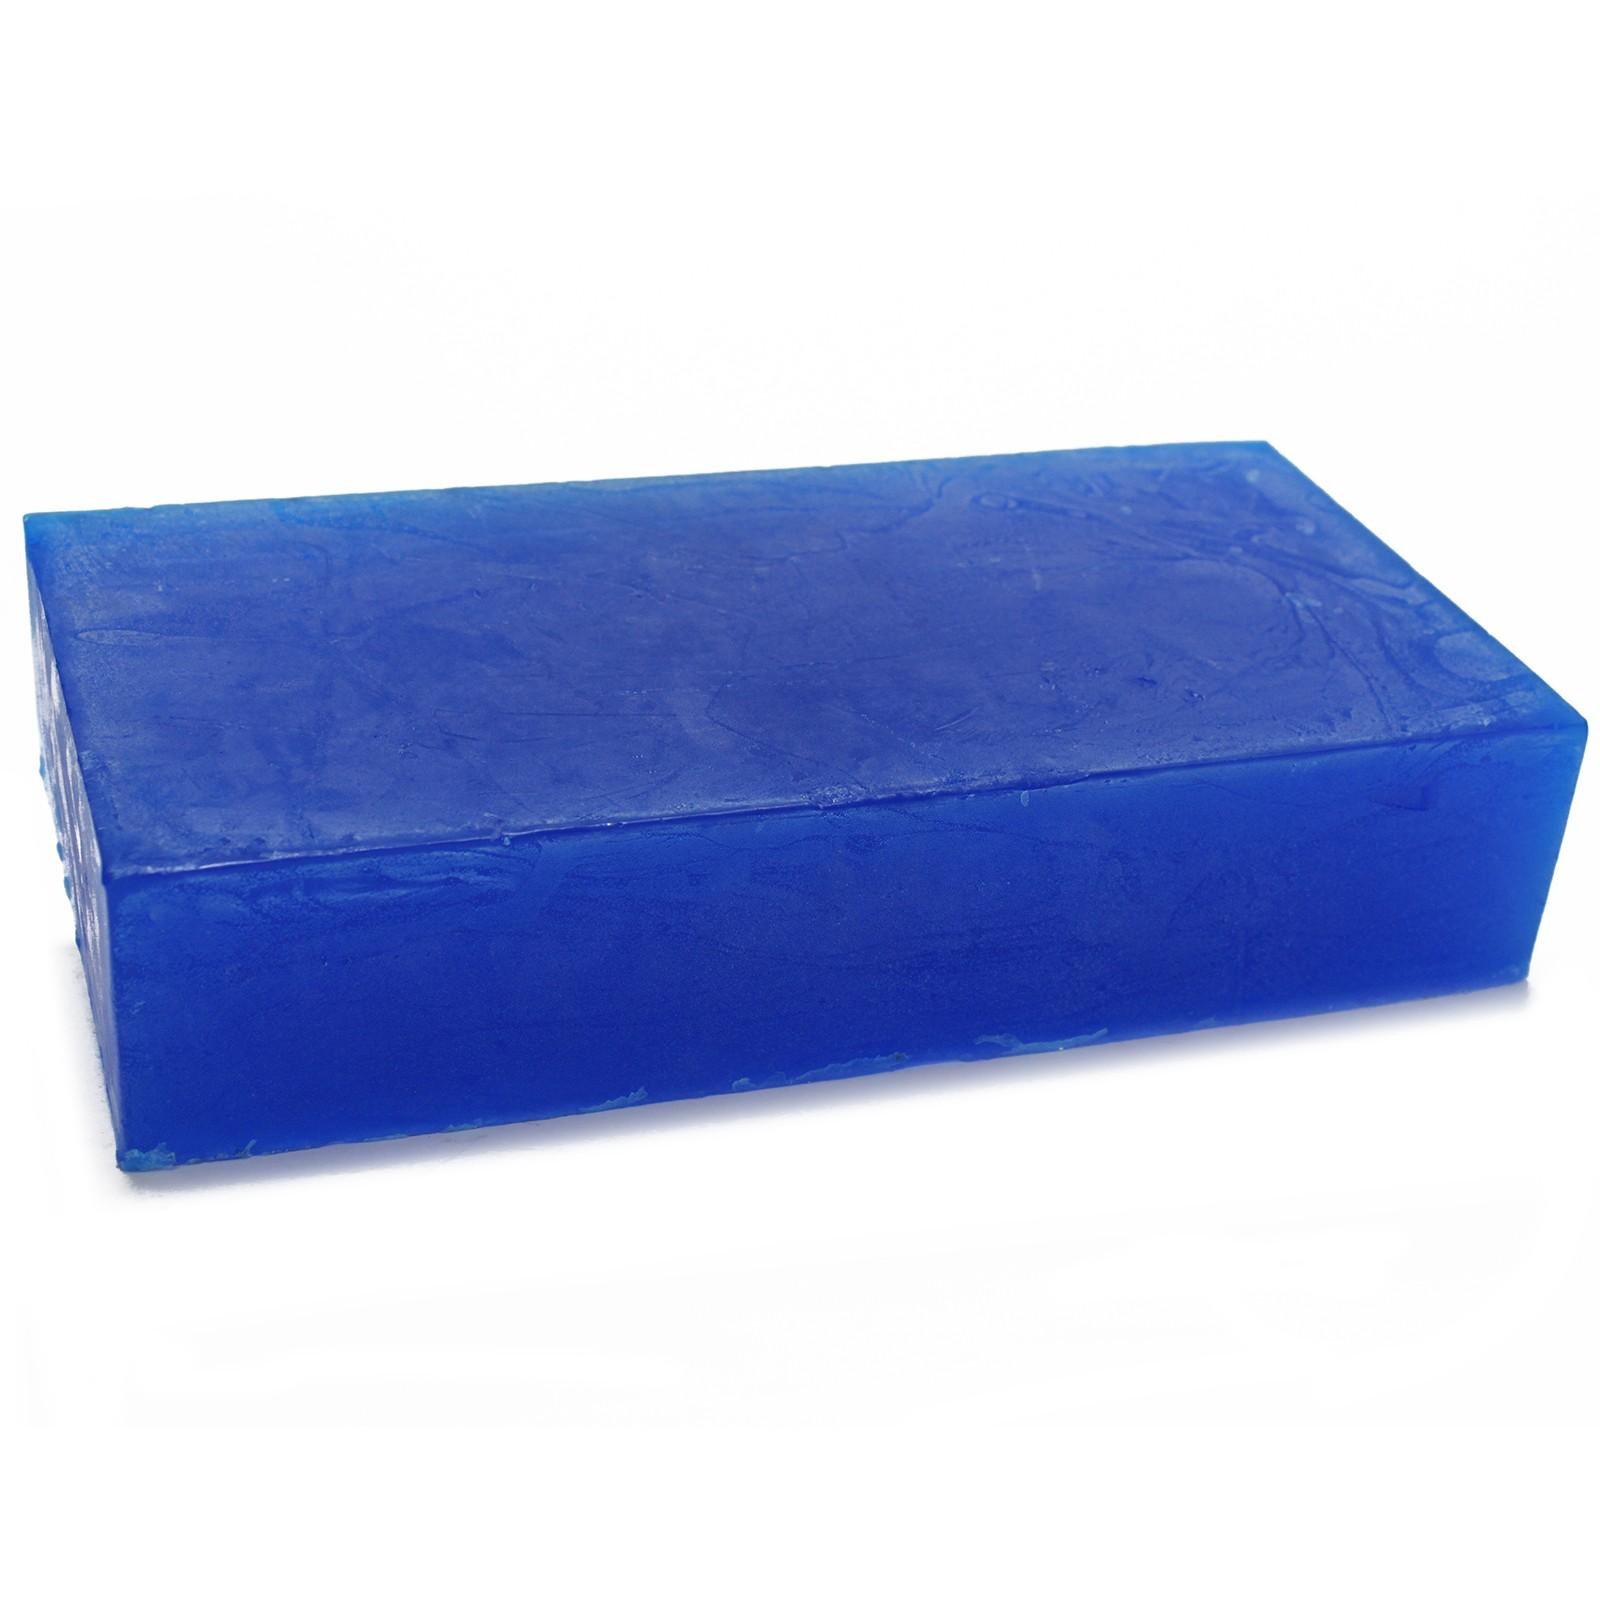 Lavender Essential Oil Soap Loaf 2kg